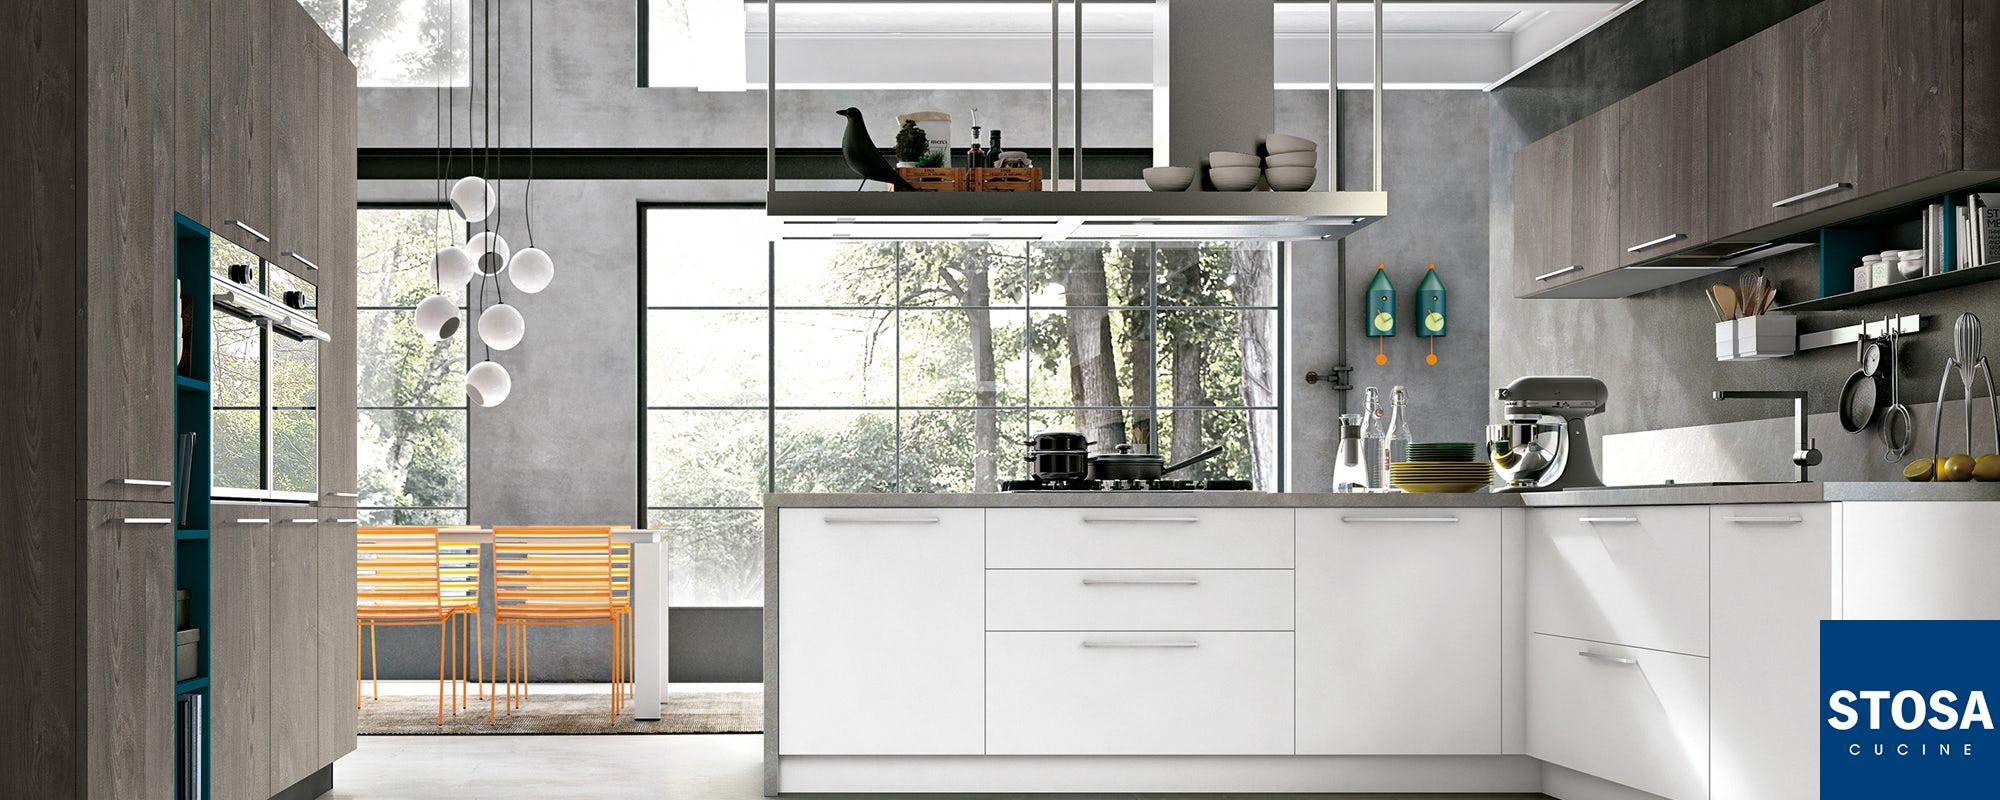 Made Inox | Cucine Mobili & Design – Vendita e distribuzione ...